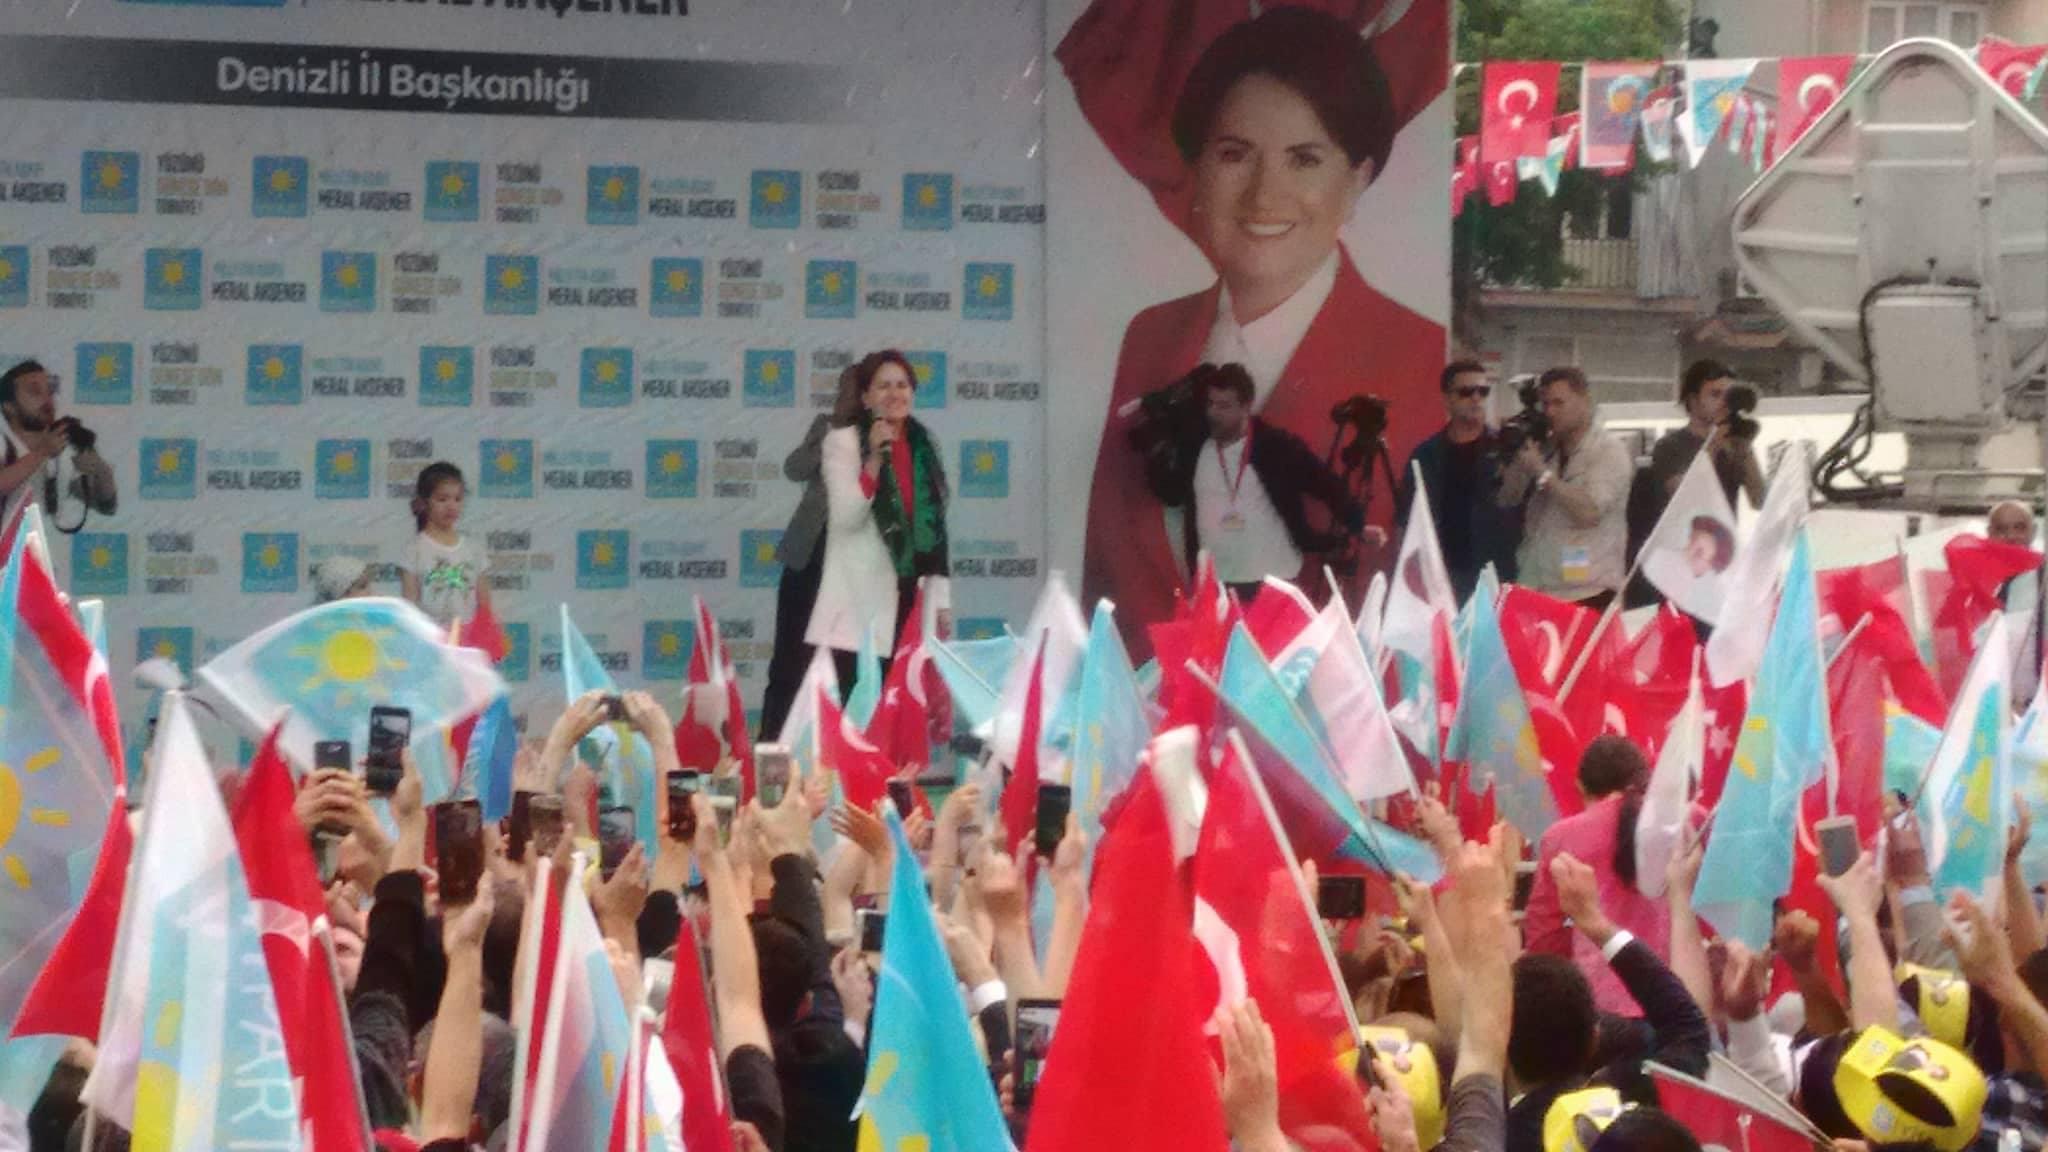 Başkan Akşener Denizli'de! 28